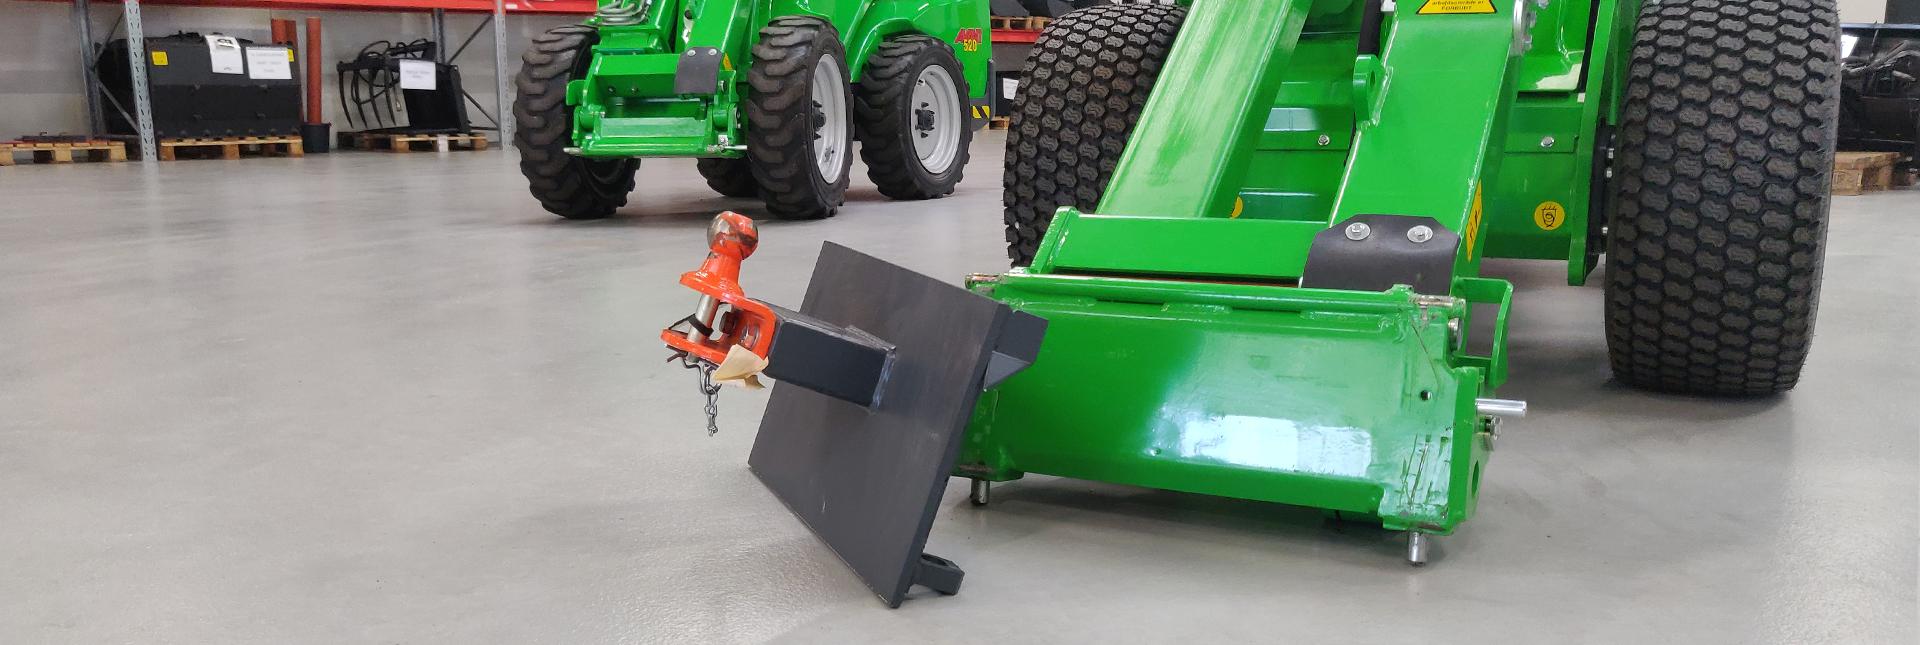 Arbejdsbillede af Redskabsplade m/Træk til flytningen af trailere til avant minilæsser